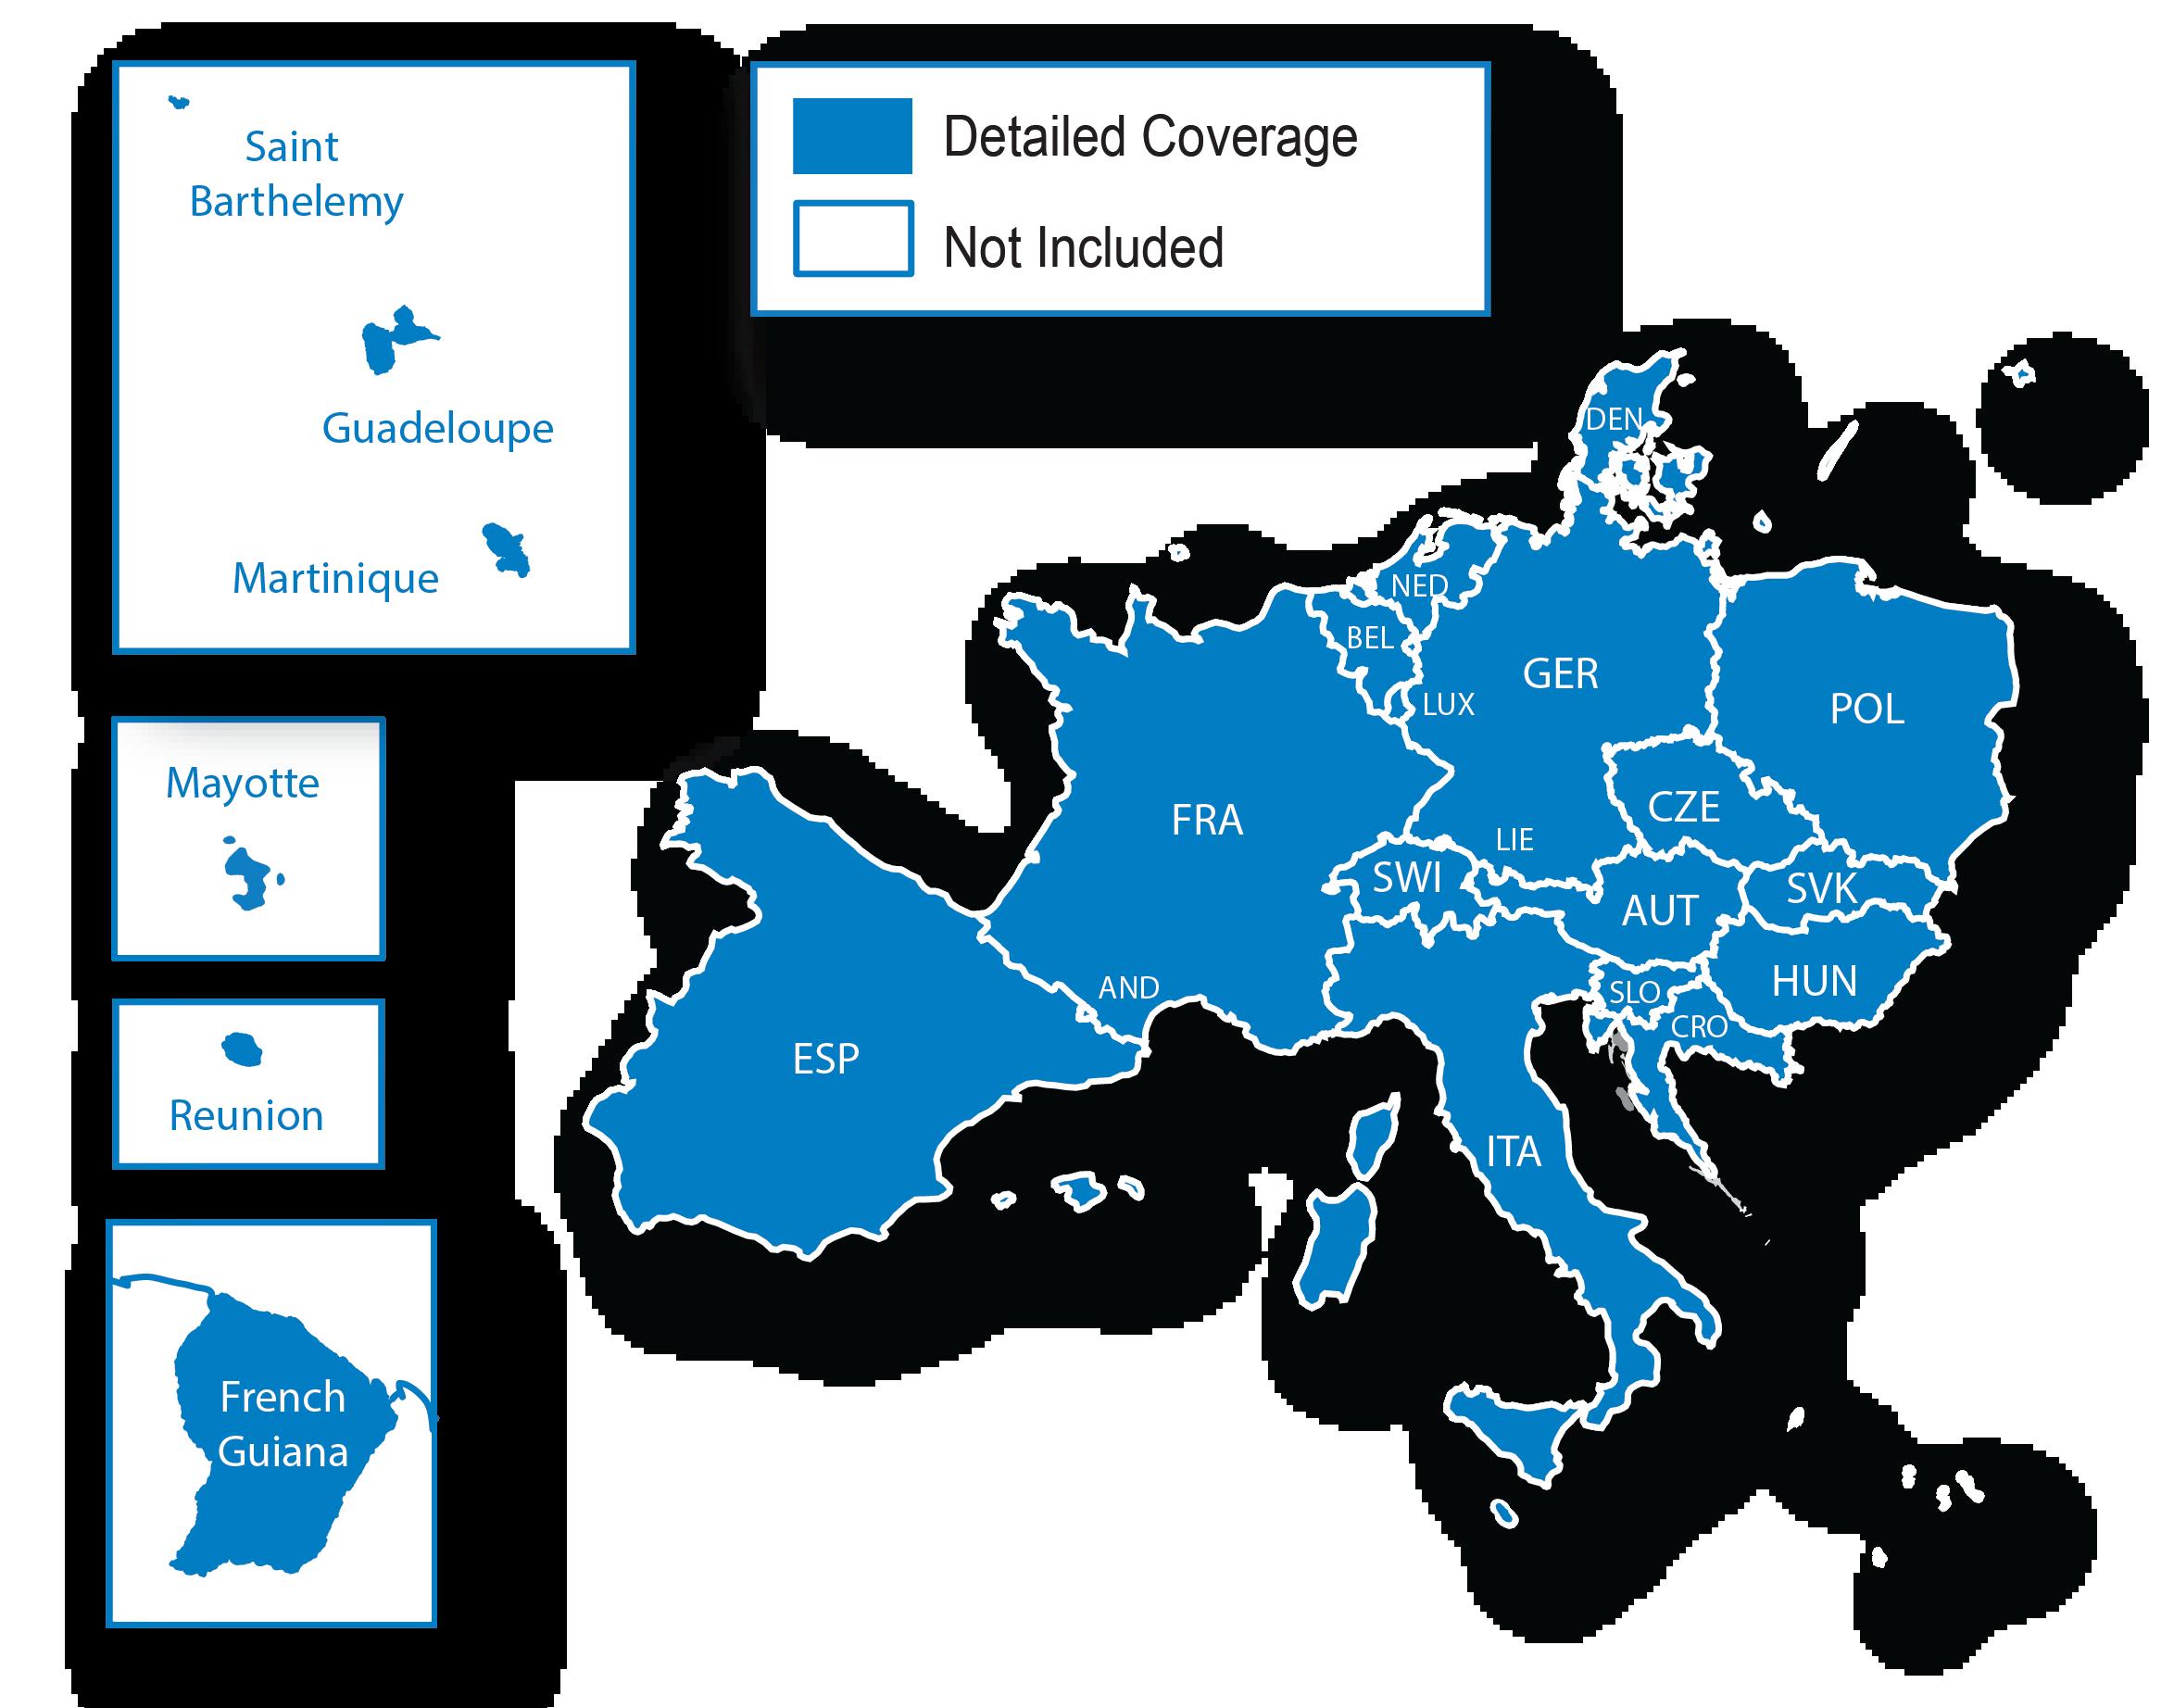 Teneriffa Karte Europa.Europa Kartenregionen Lander Und Gebiete Die Als Regionen